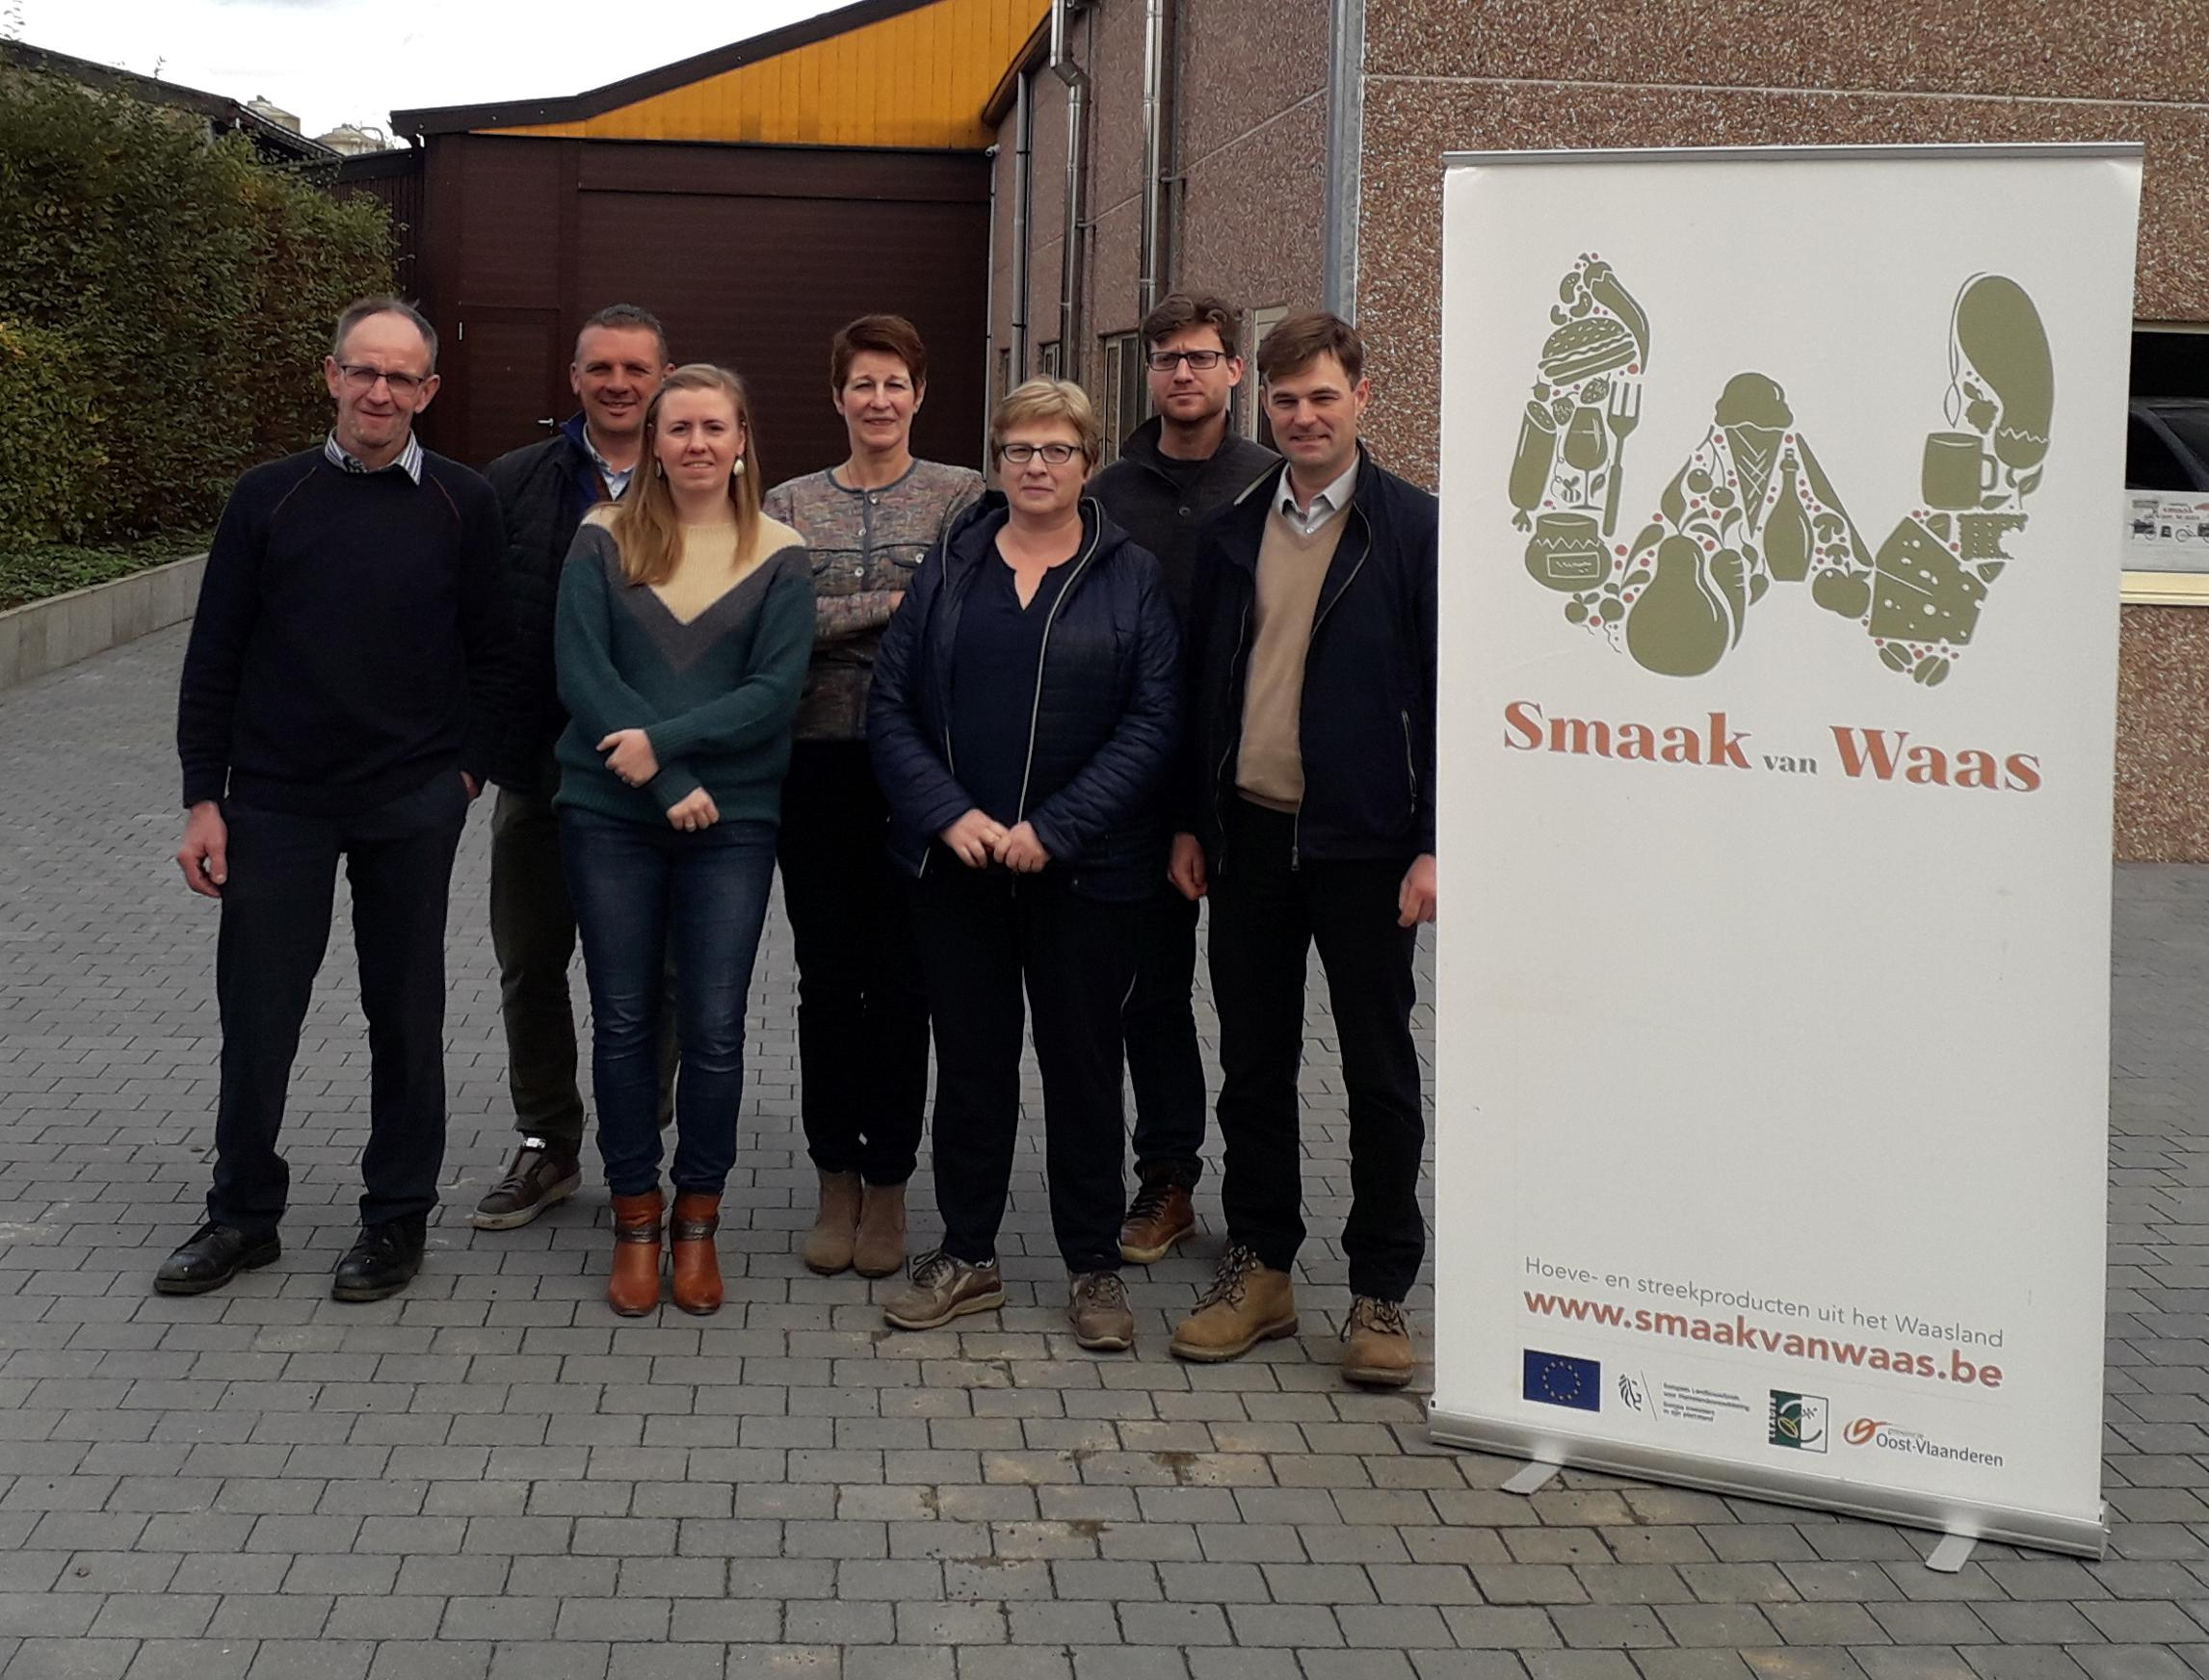 Voor het eerst 'Dag van de smaak' in Waasland